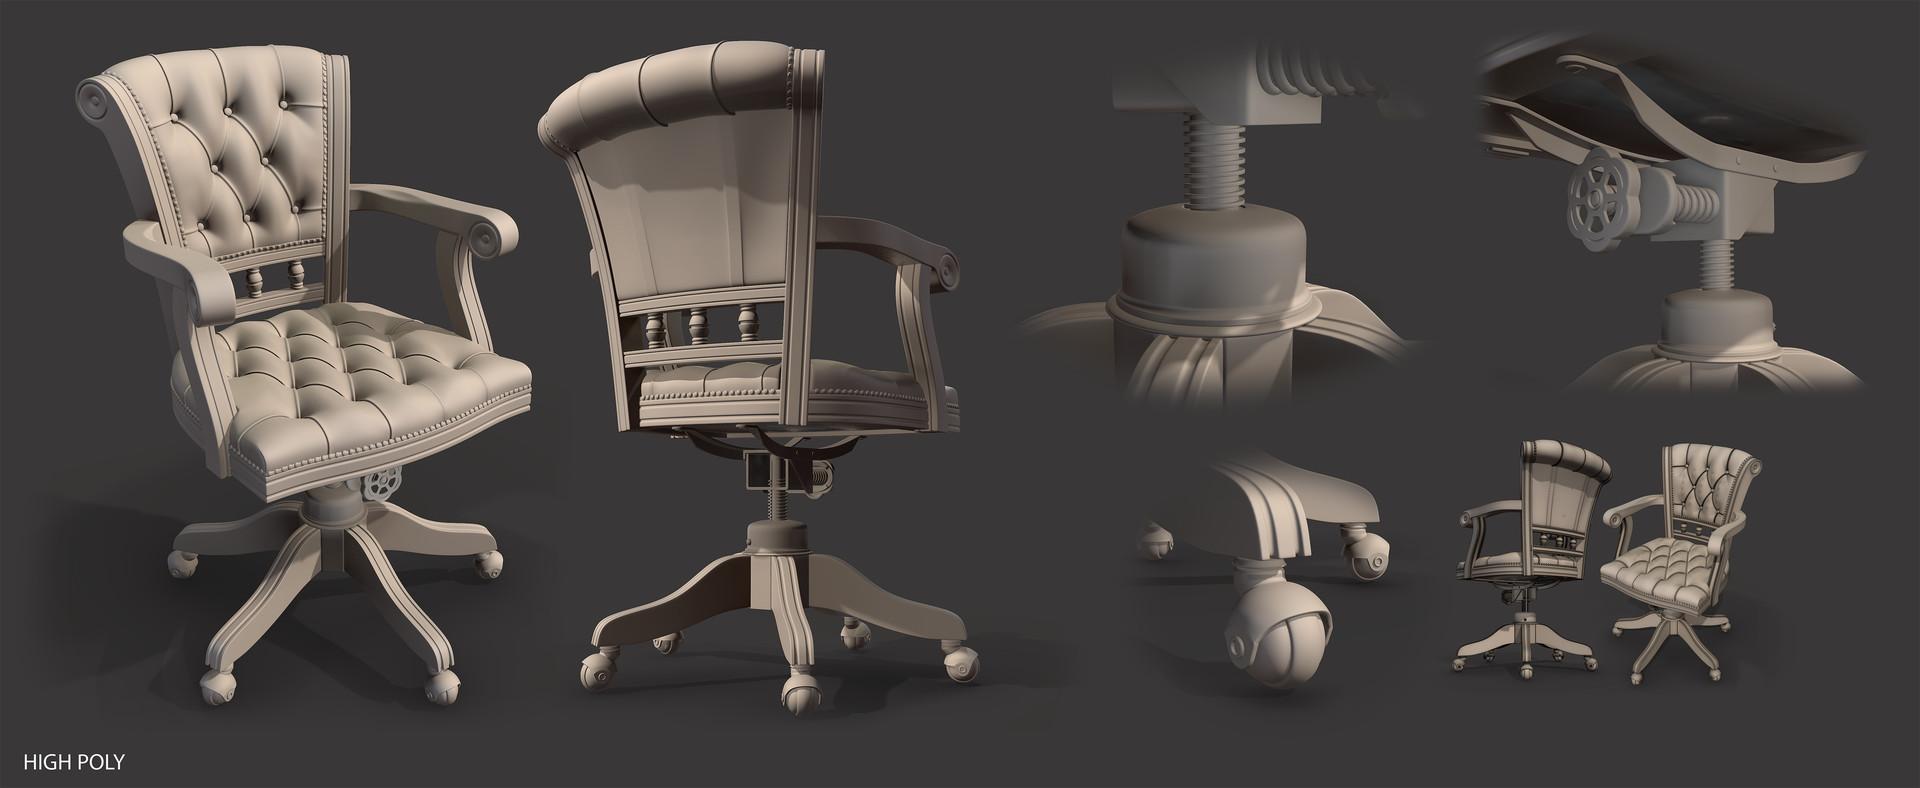 Paul foster chair sheet high